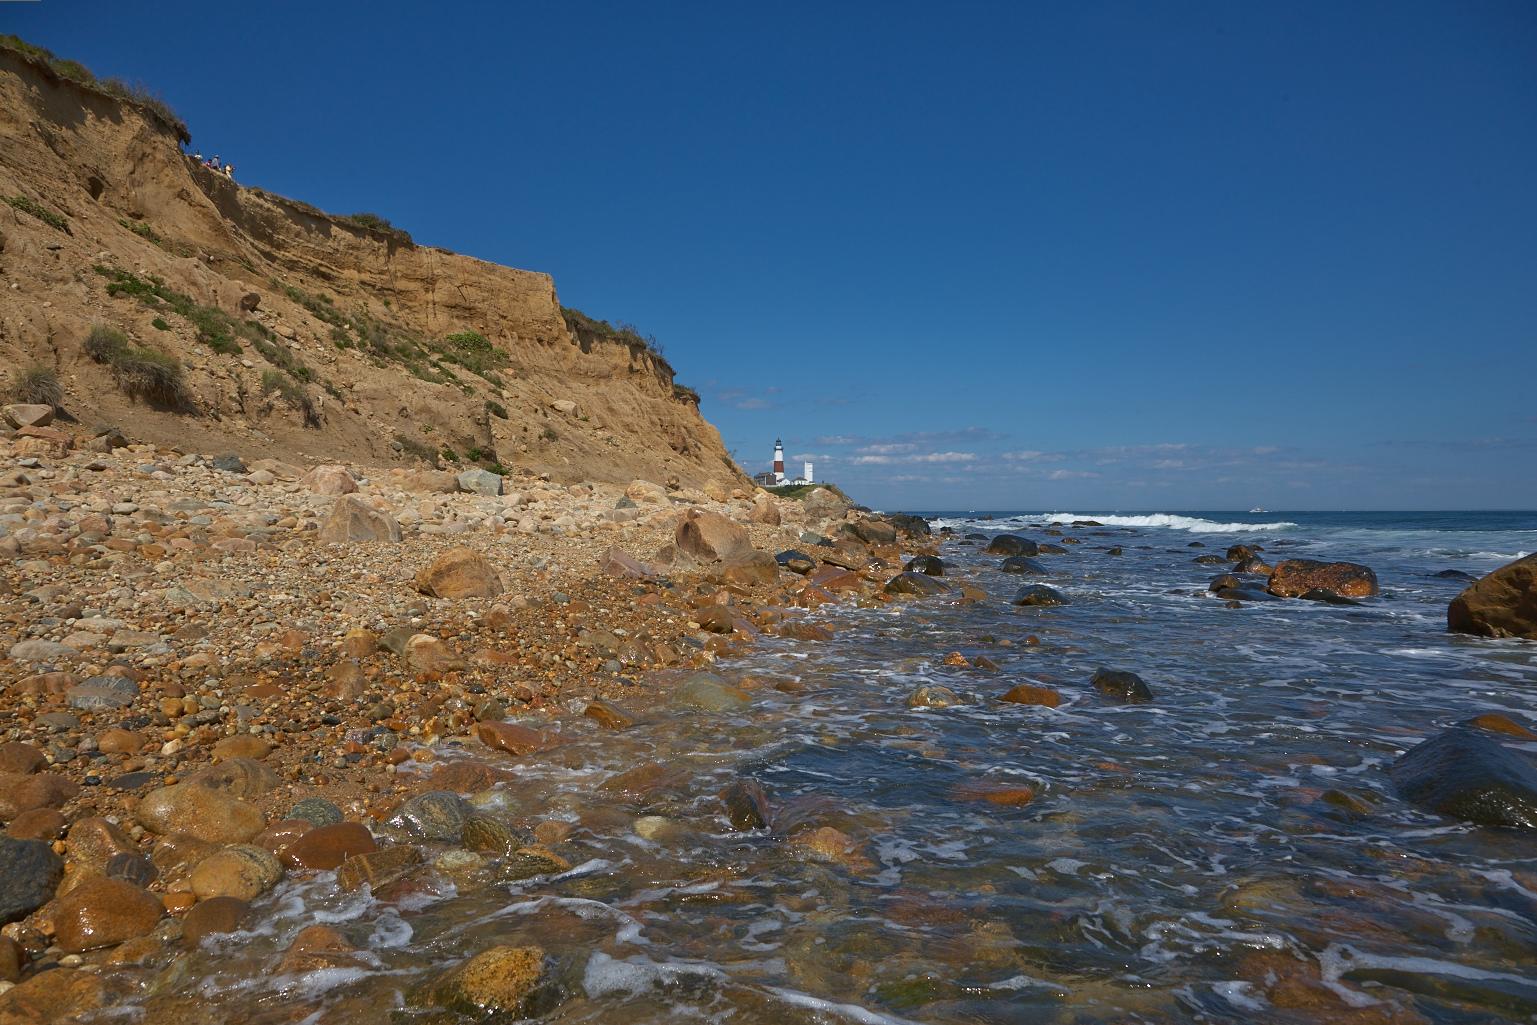 Beach, Rocks und Strandflöhe